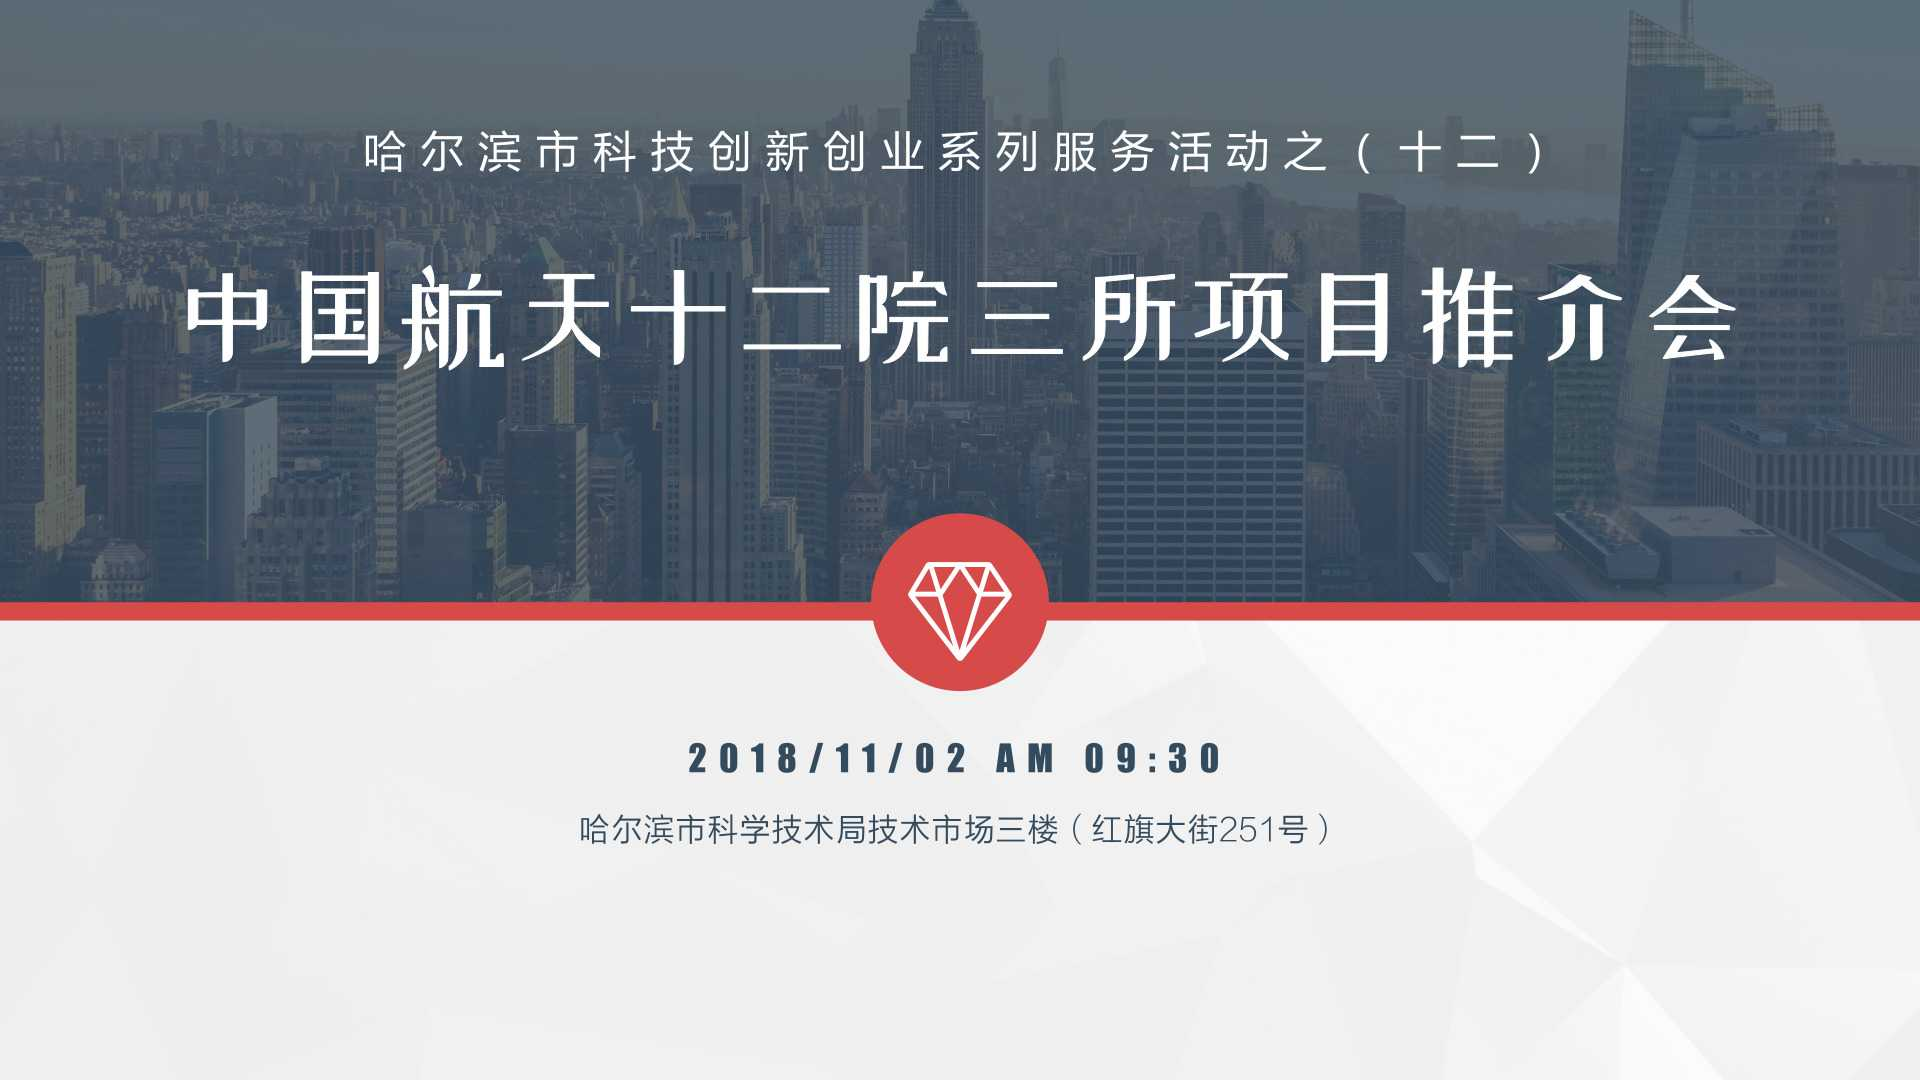 【视频回顾】中国航天十二院三所项目推介会—哈尔滨市科技创新创业系列服务活动之(十二)